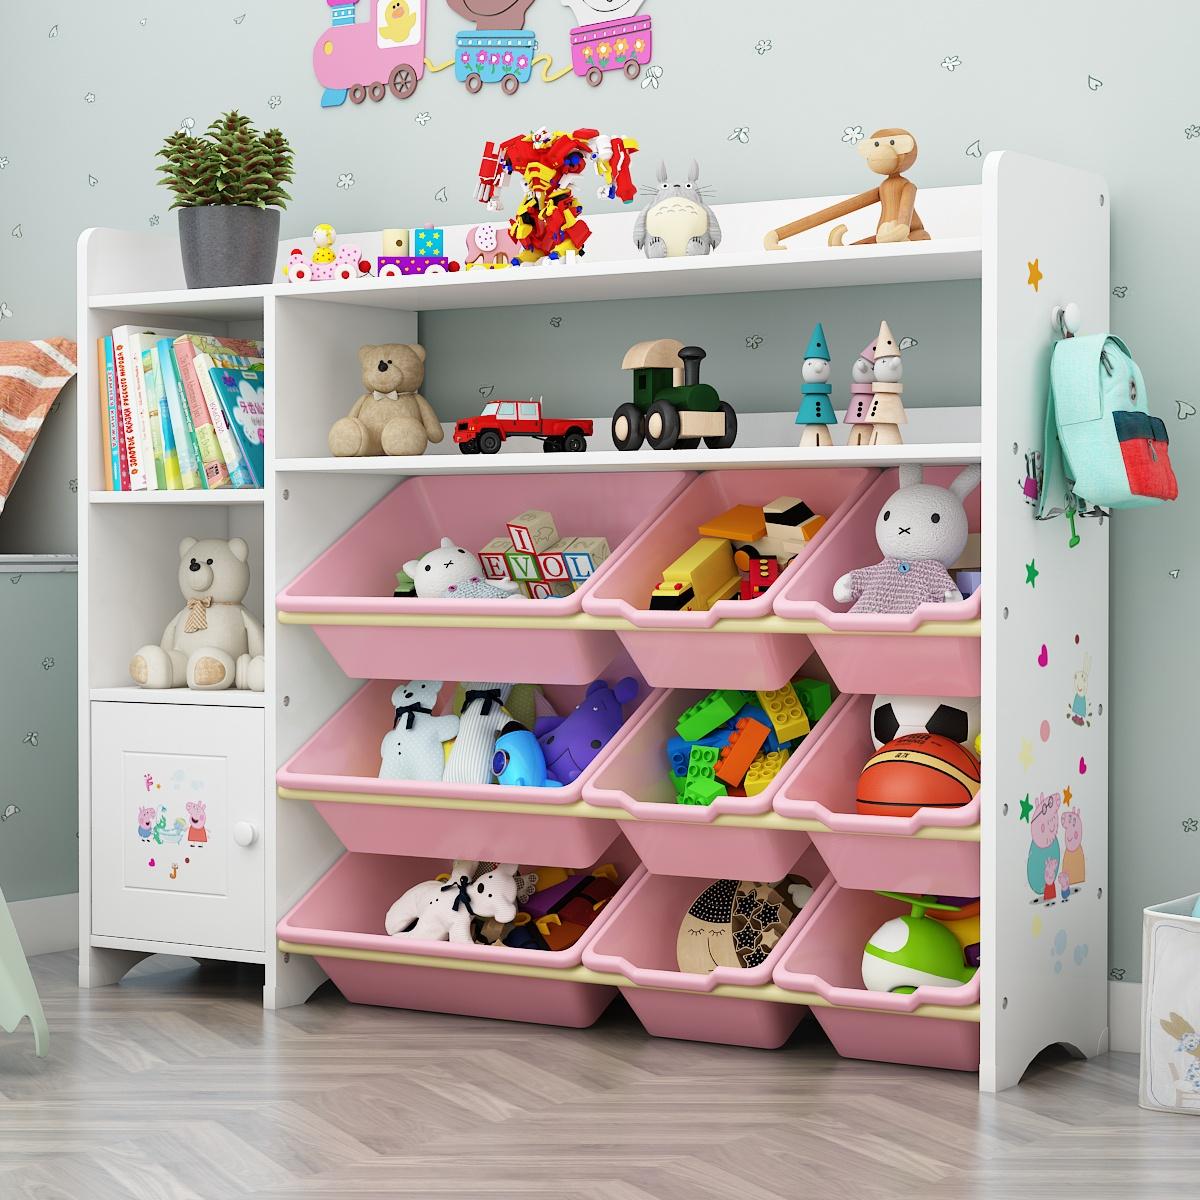 儿童玩具收纳架宝宝书架绘本架幼儿园玩具柜置物架多层整理收纳柜